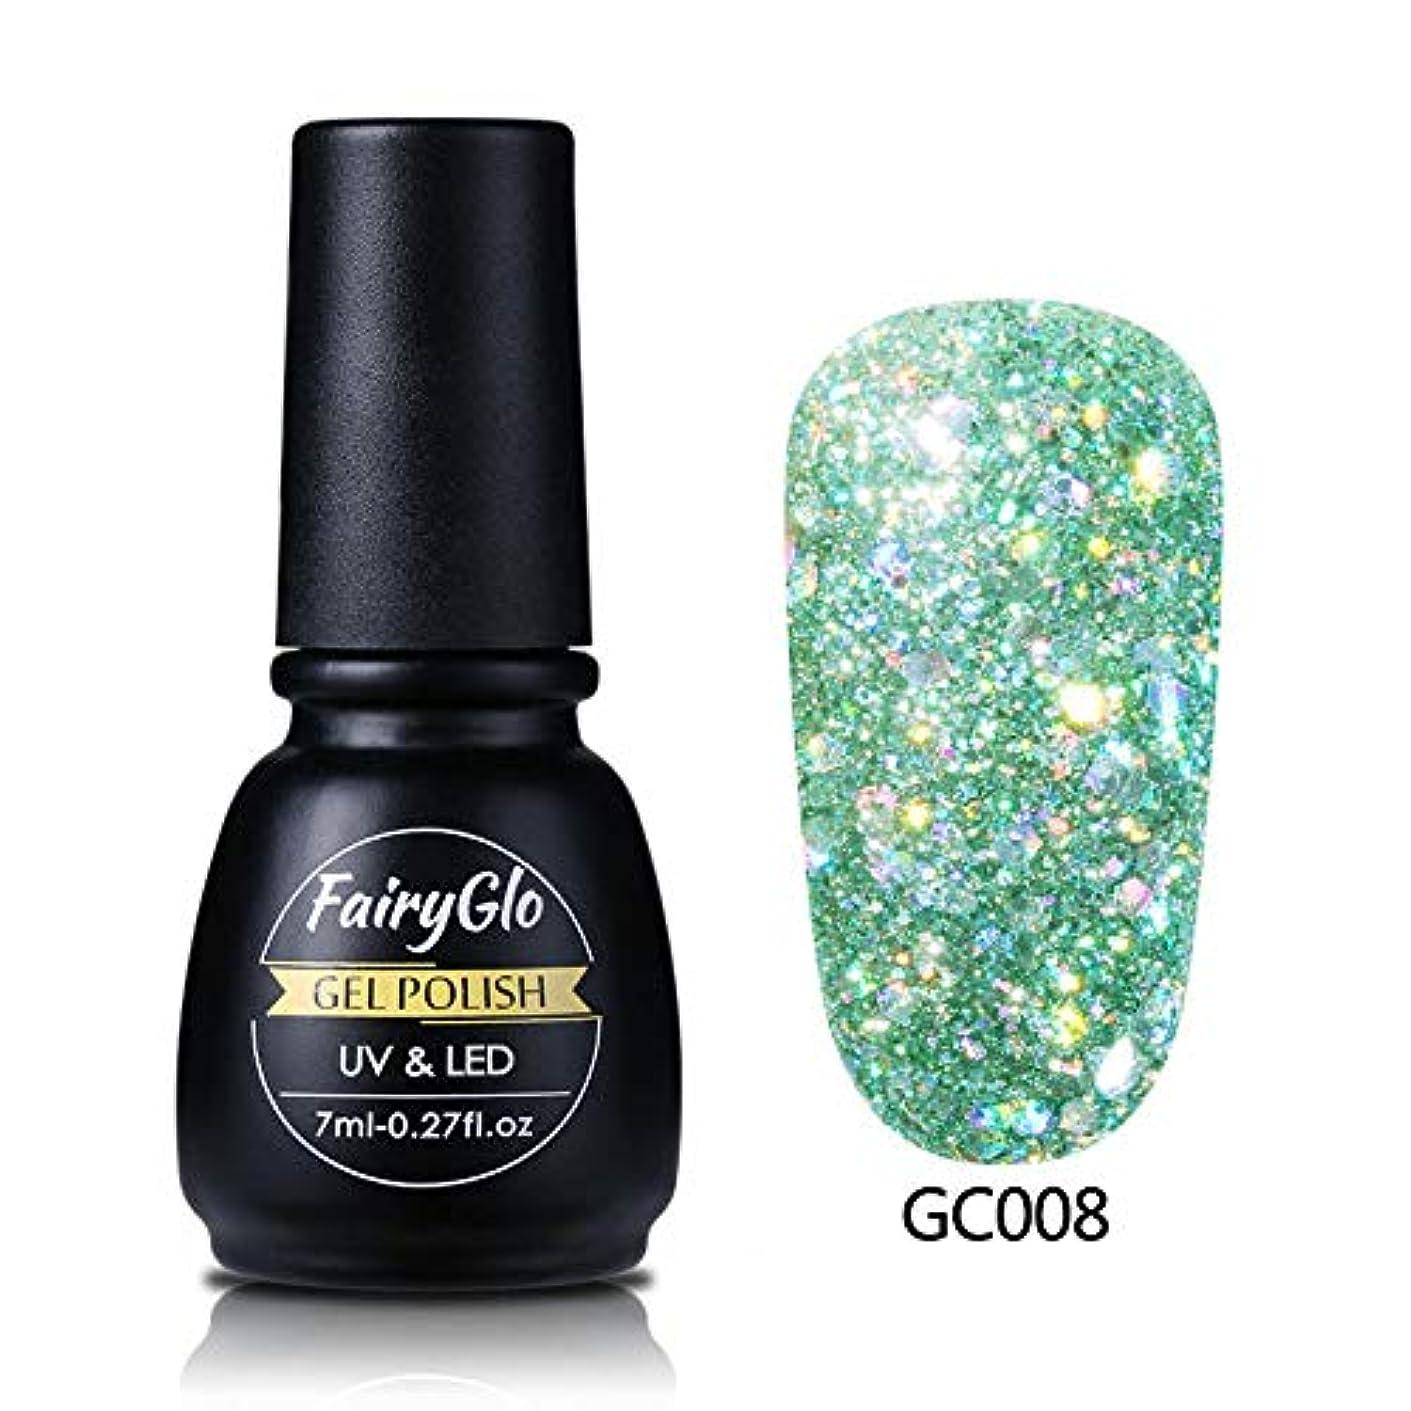 先のことを考える許される重要性Fairyglo ジェルネイル カラージェル ダイヤモンド系 グリッタージェル 7ml【全61色選択可】